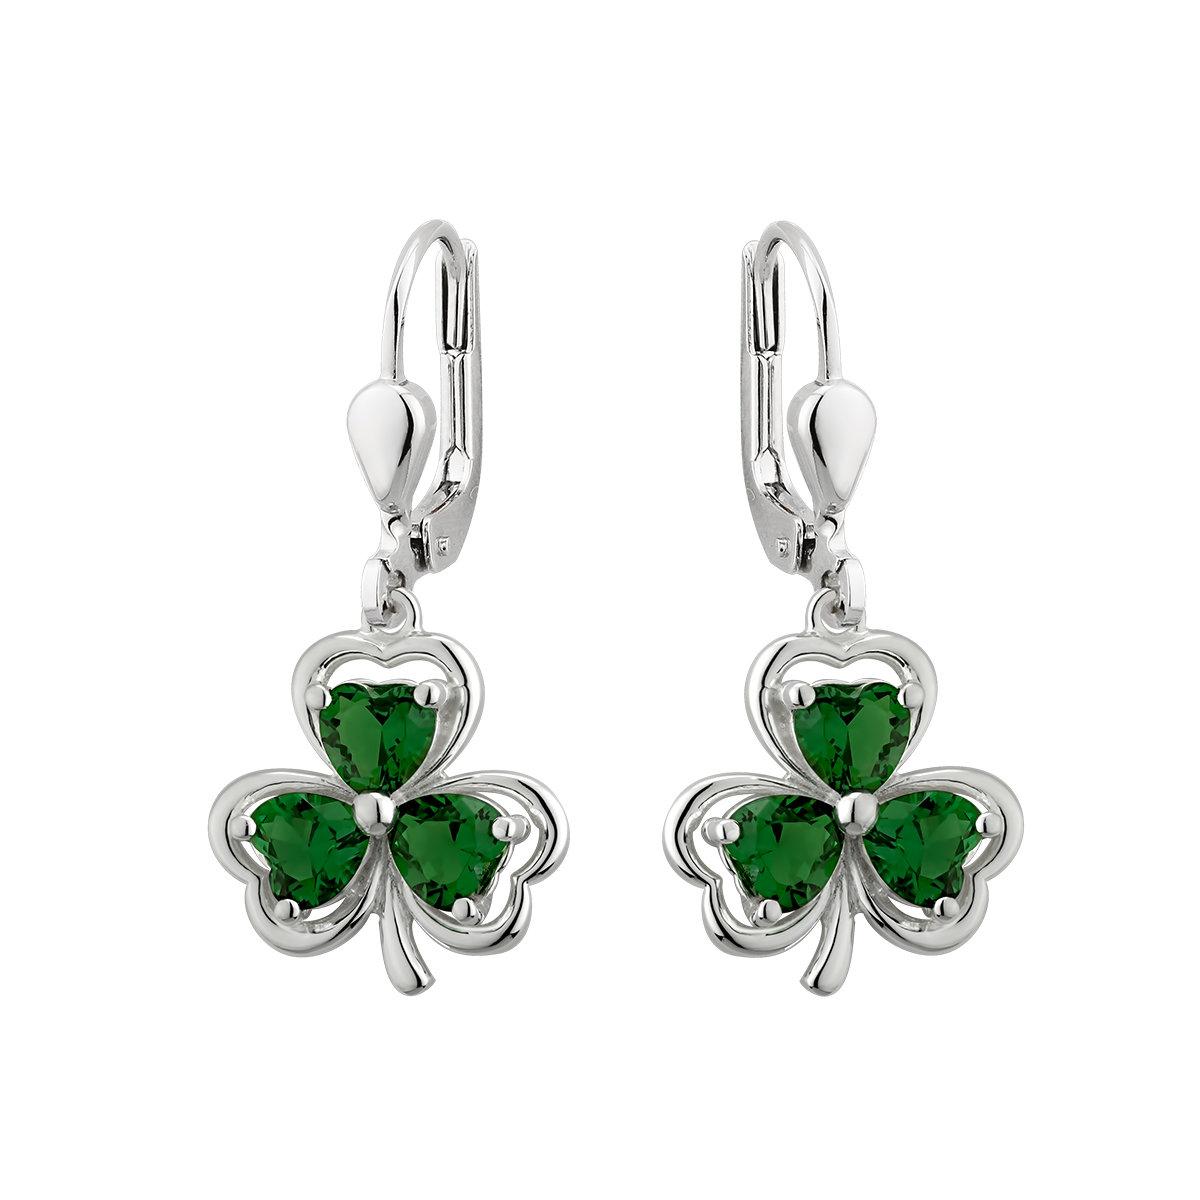 sterling silver green crystal shamrock drop earrings s33914 from Solvar